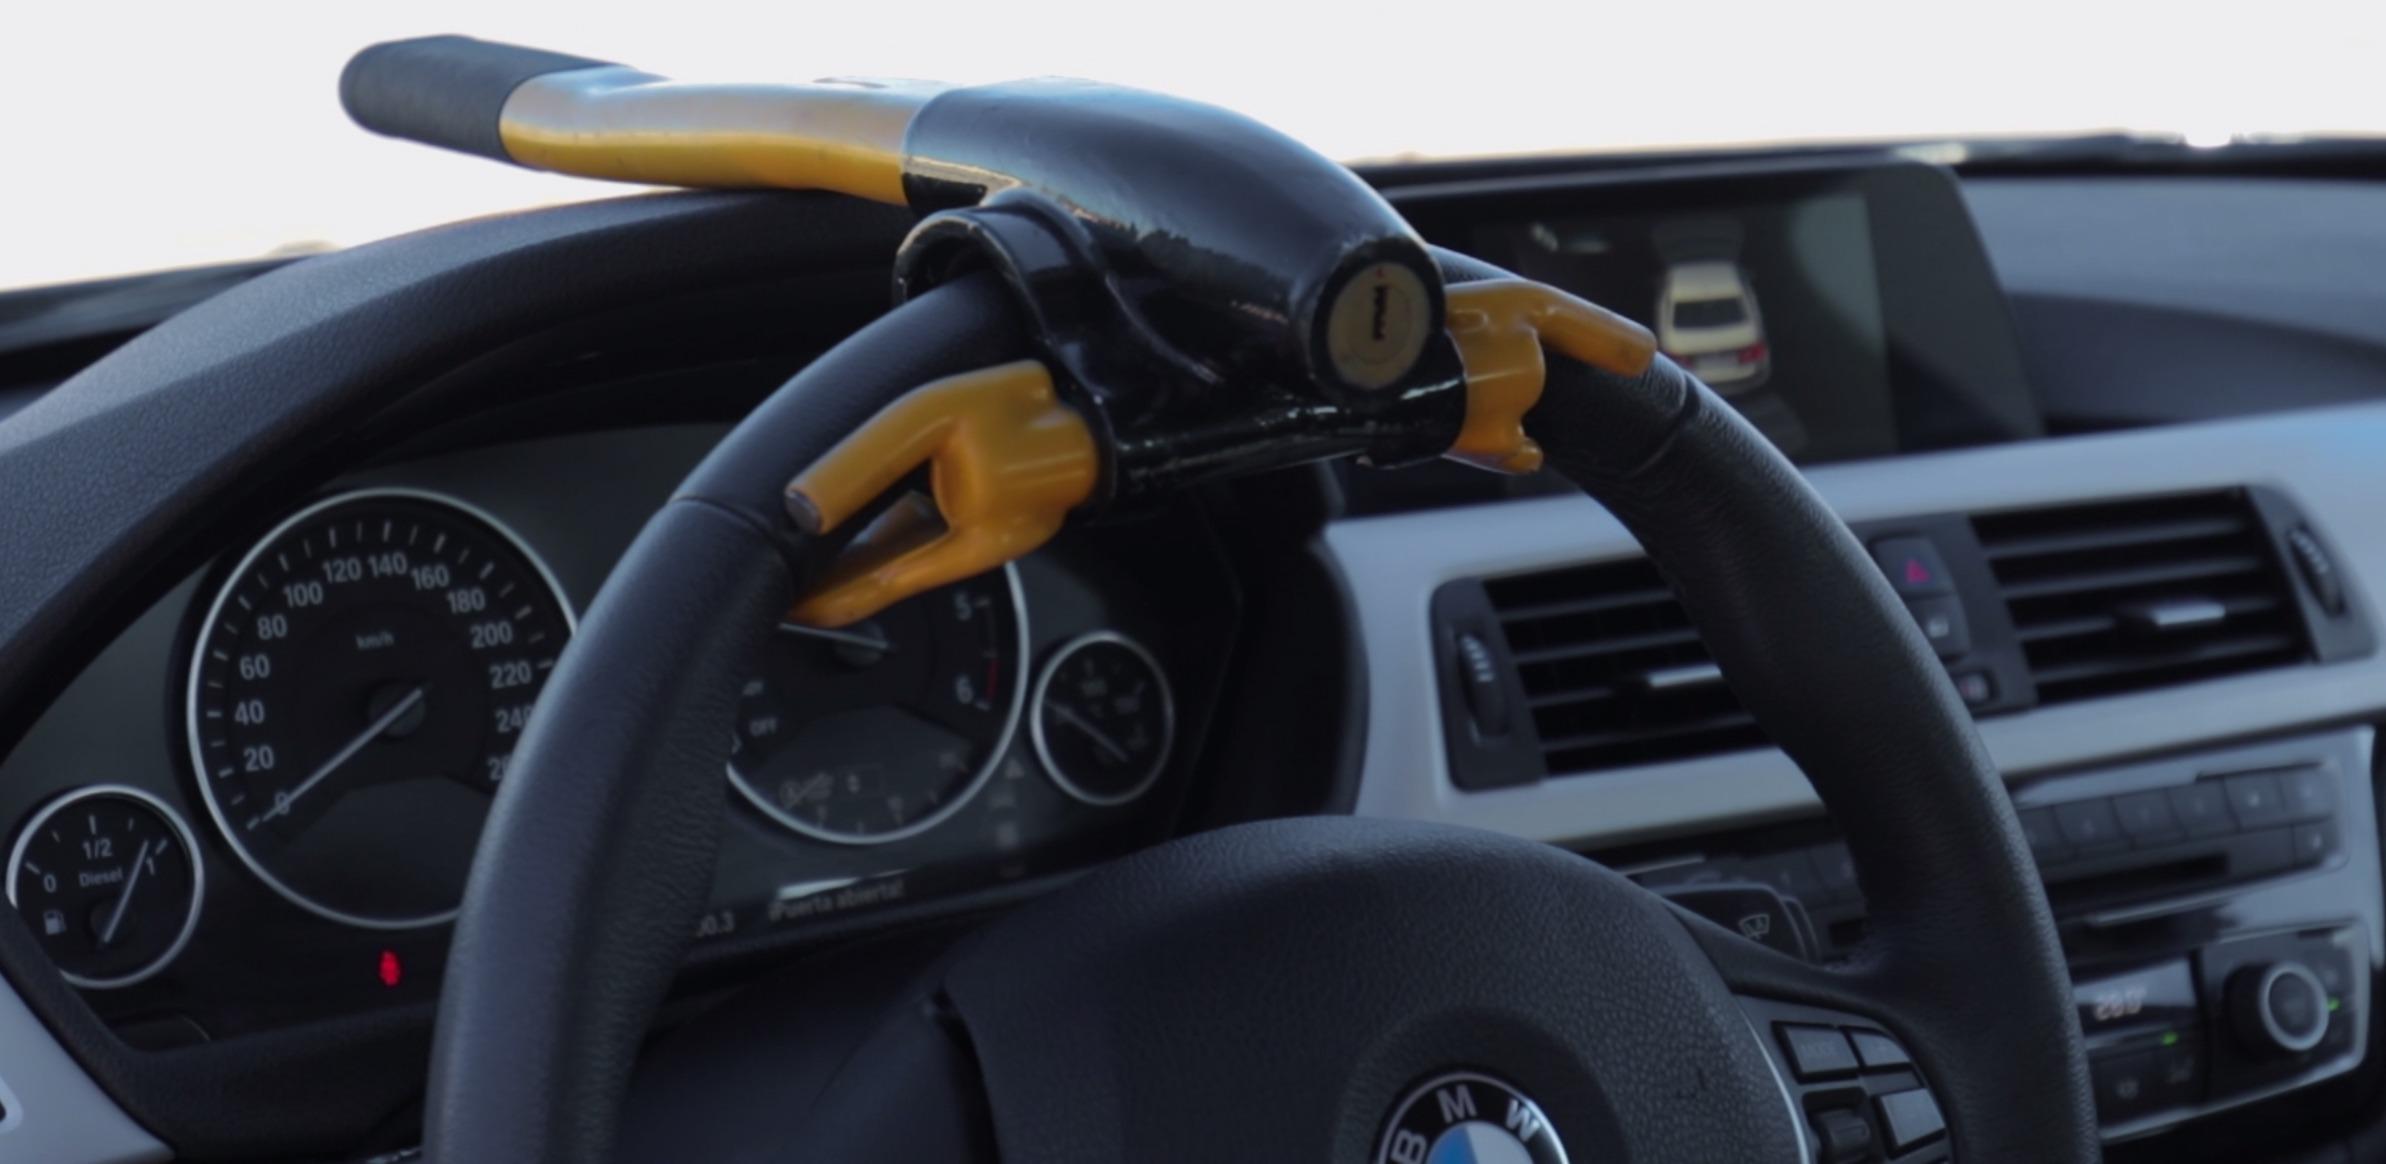 Cliconsejos: 5 sistemas antirrobo para tu coche